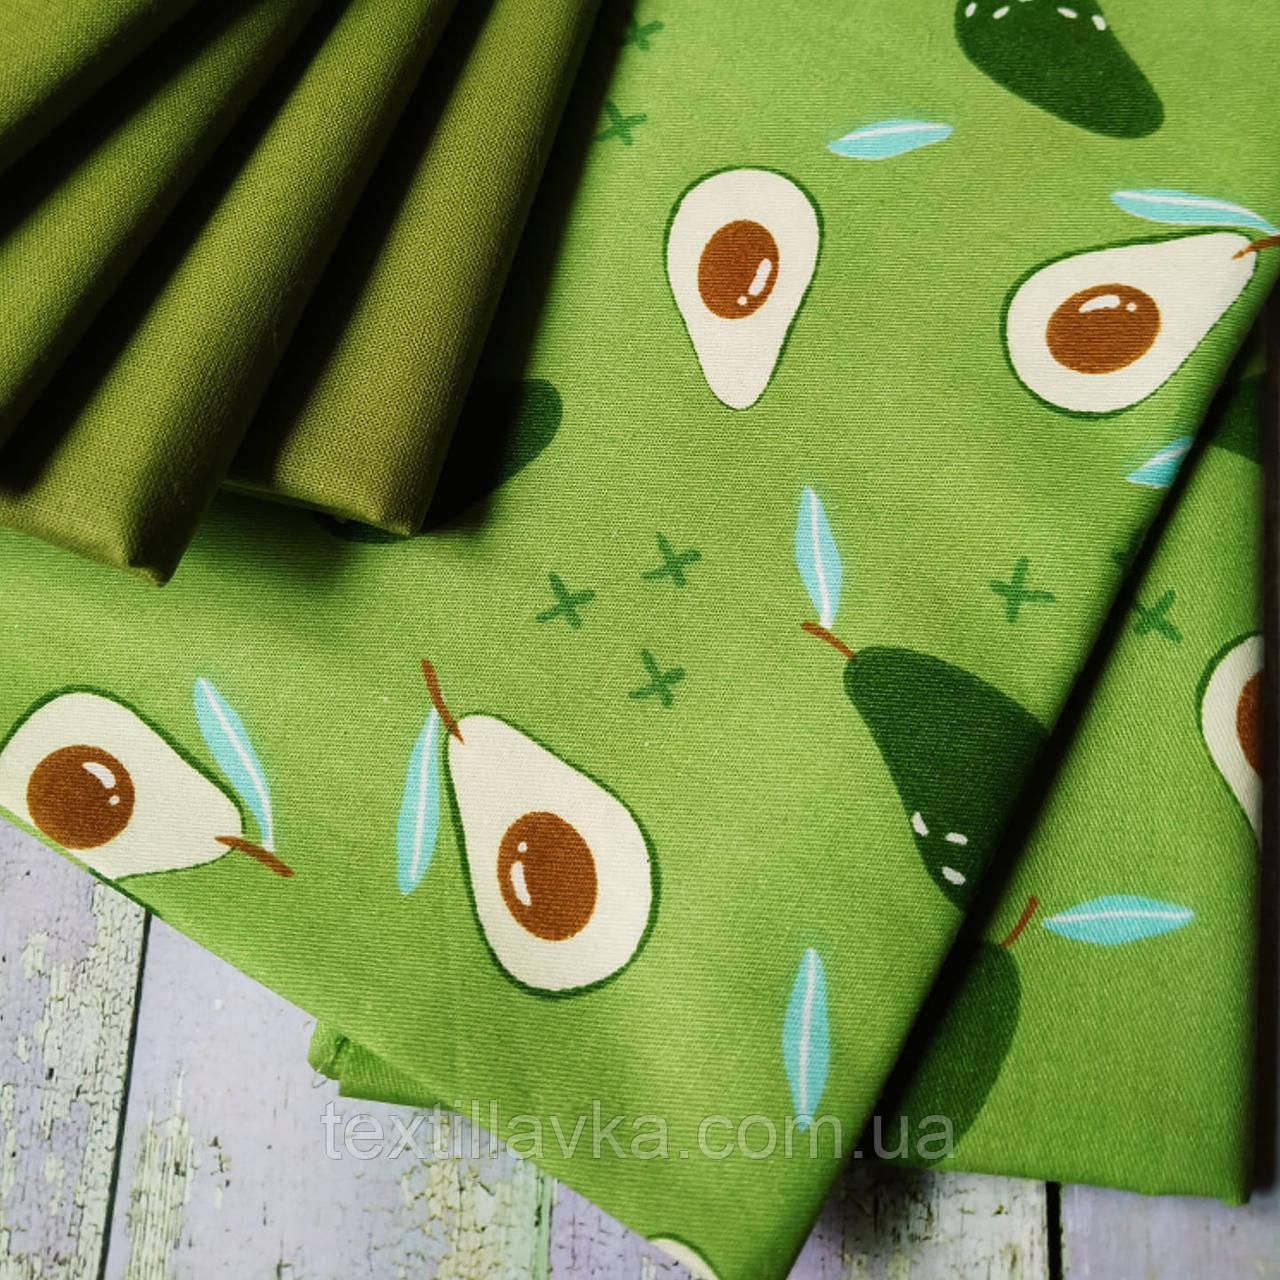 Тканина бавовна для рукоділля Авокадо зелений